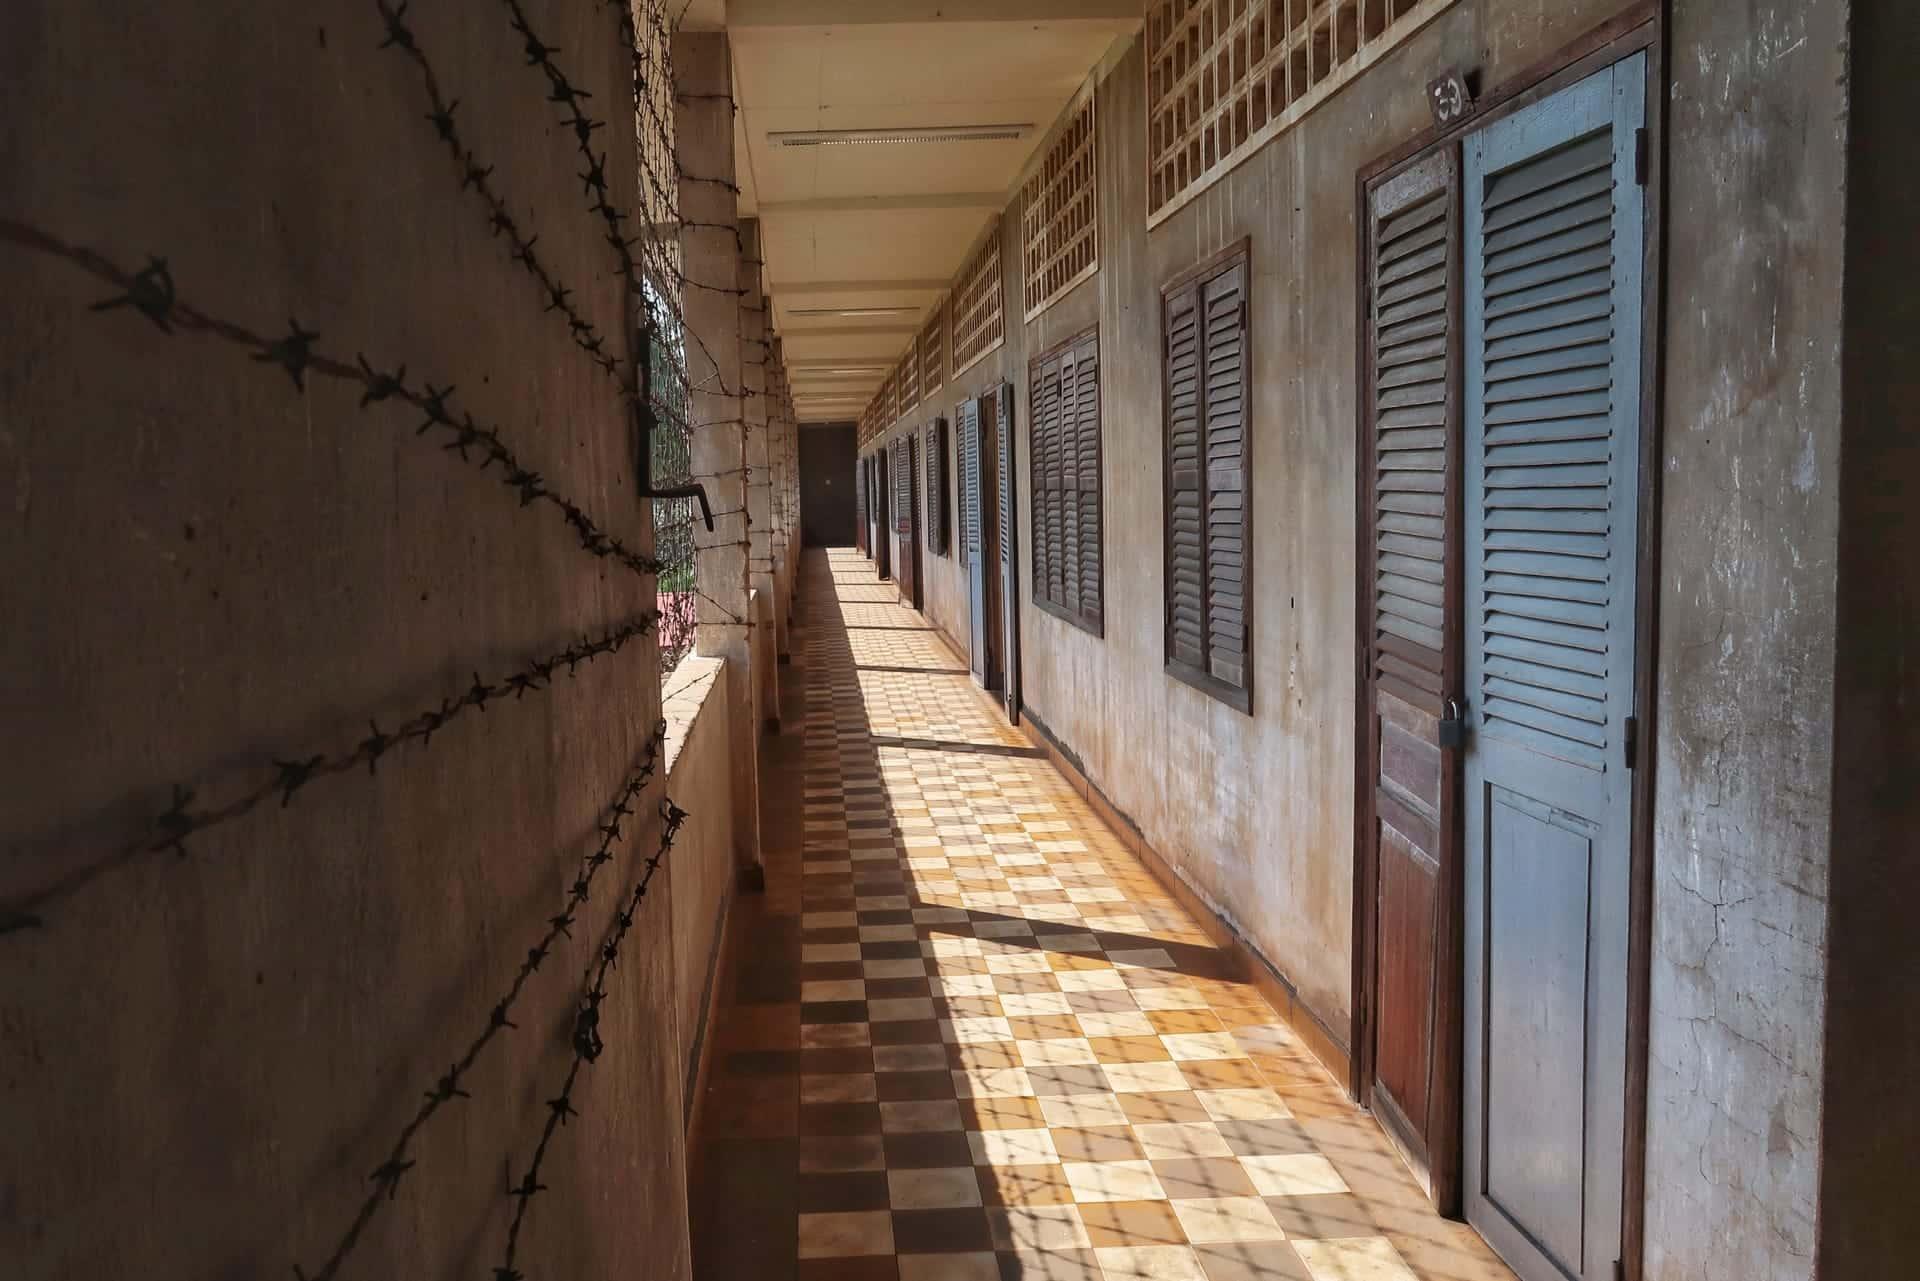 S21 fængslet var en gammel skole